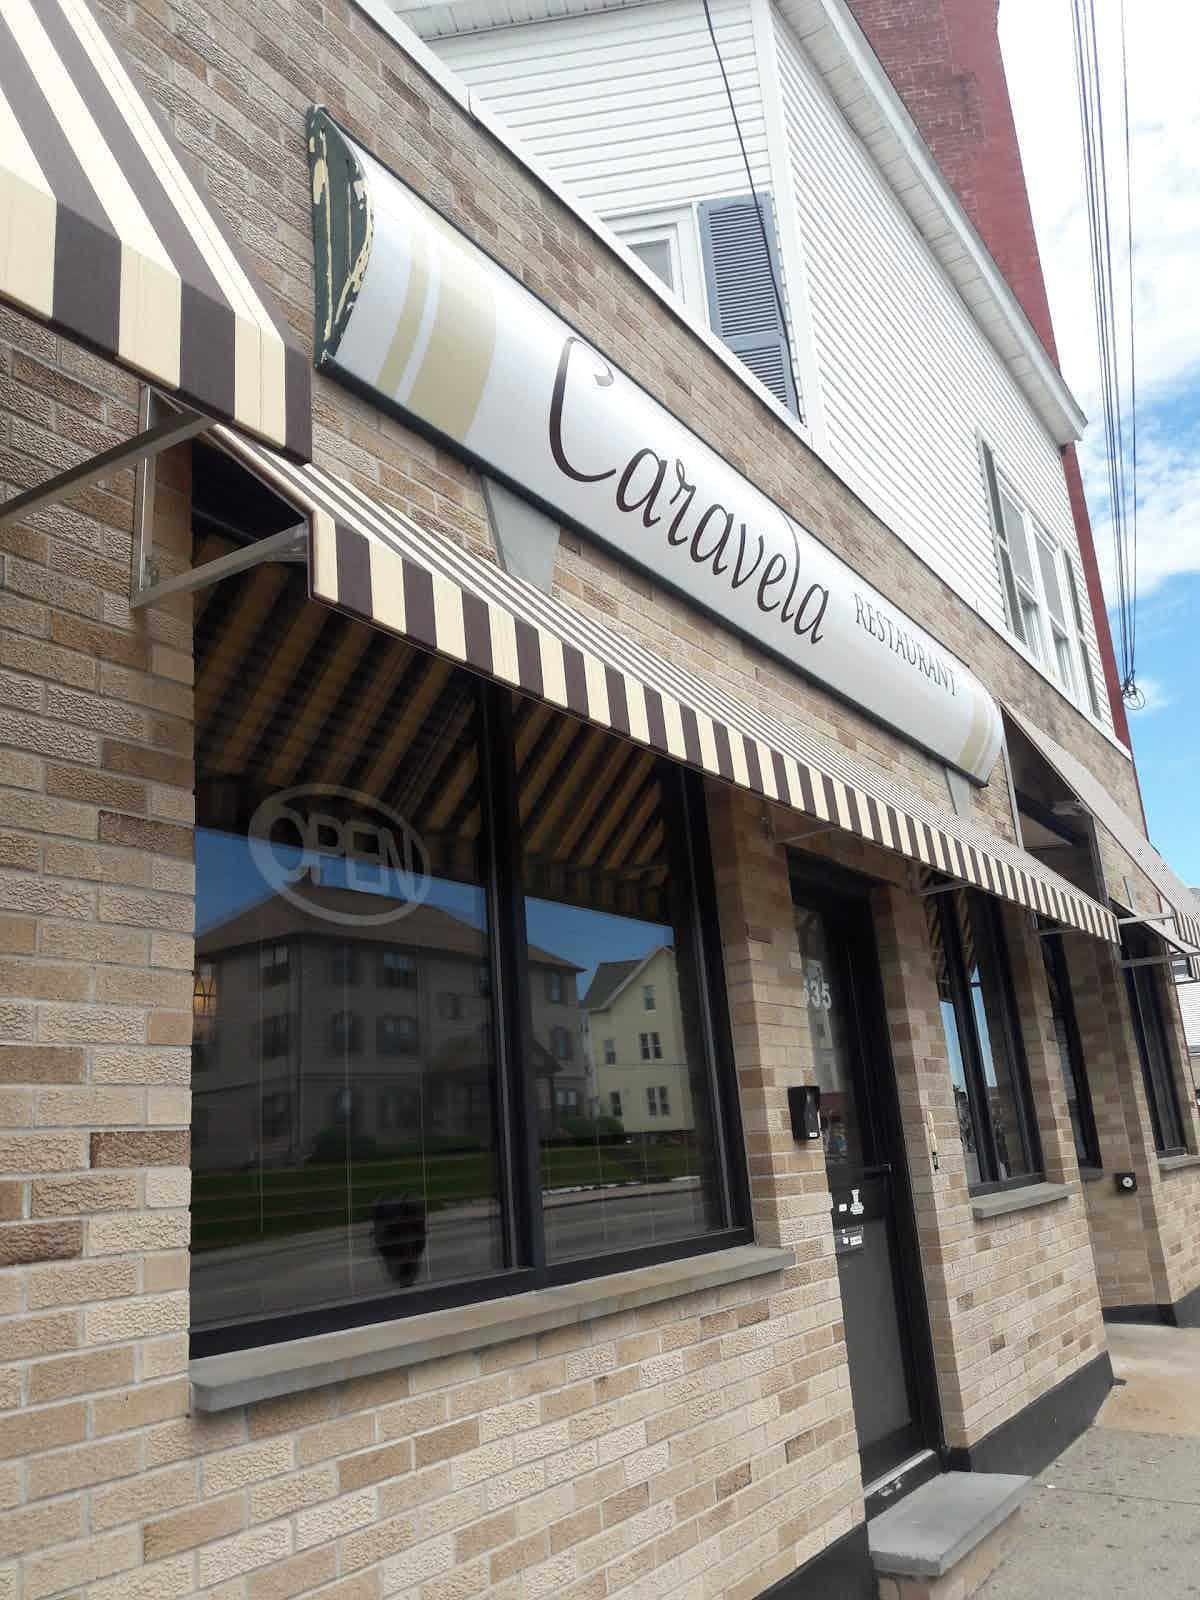 Caravela Family Restaurant - Fall River  Restaurant Review - Zagat